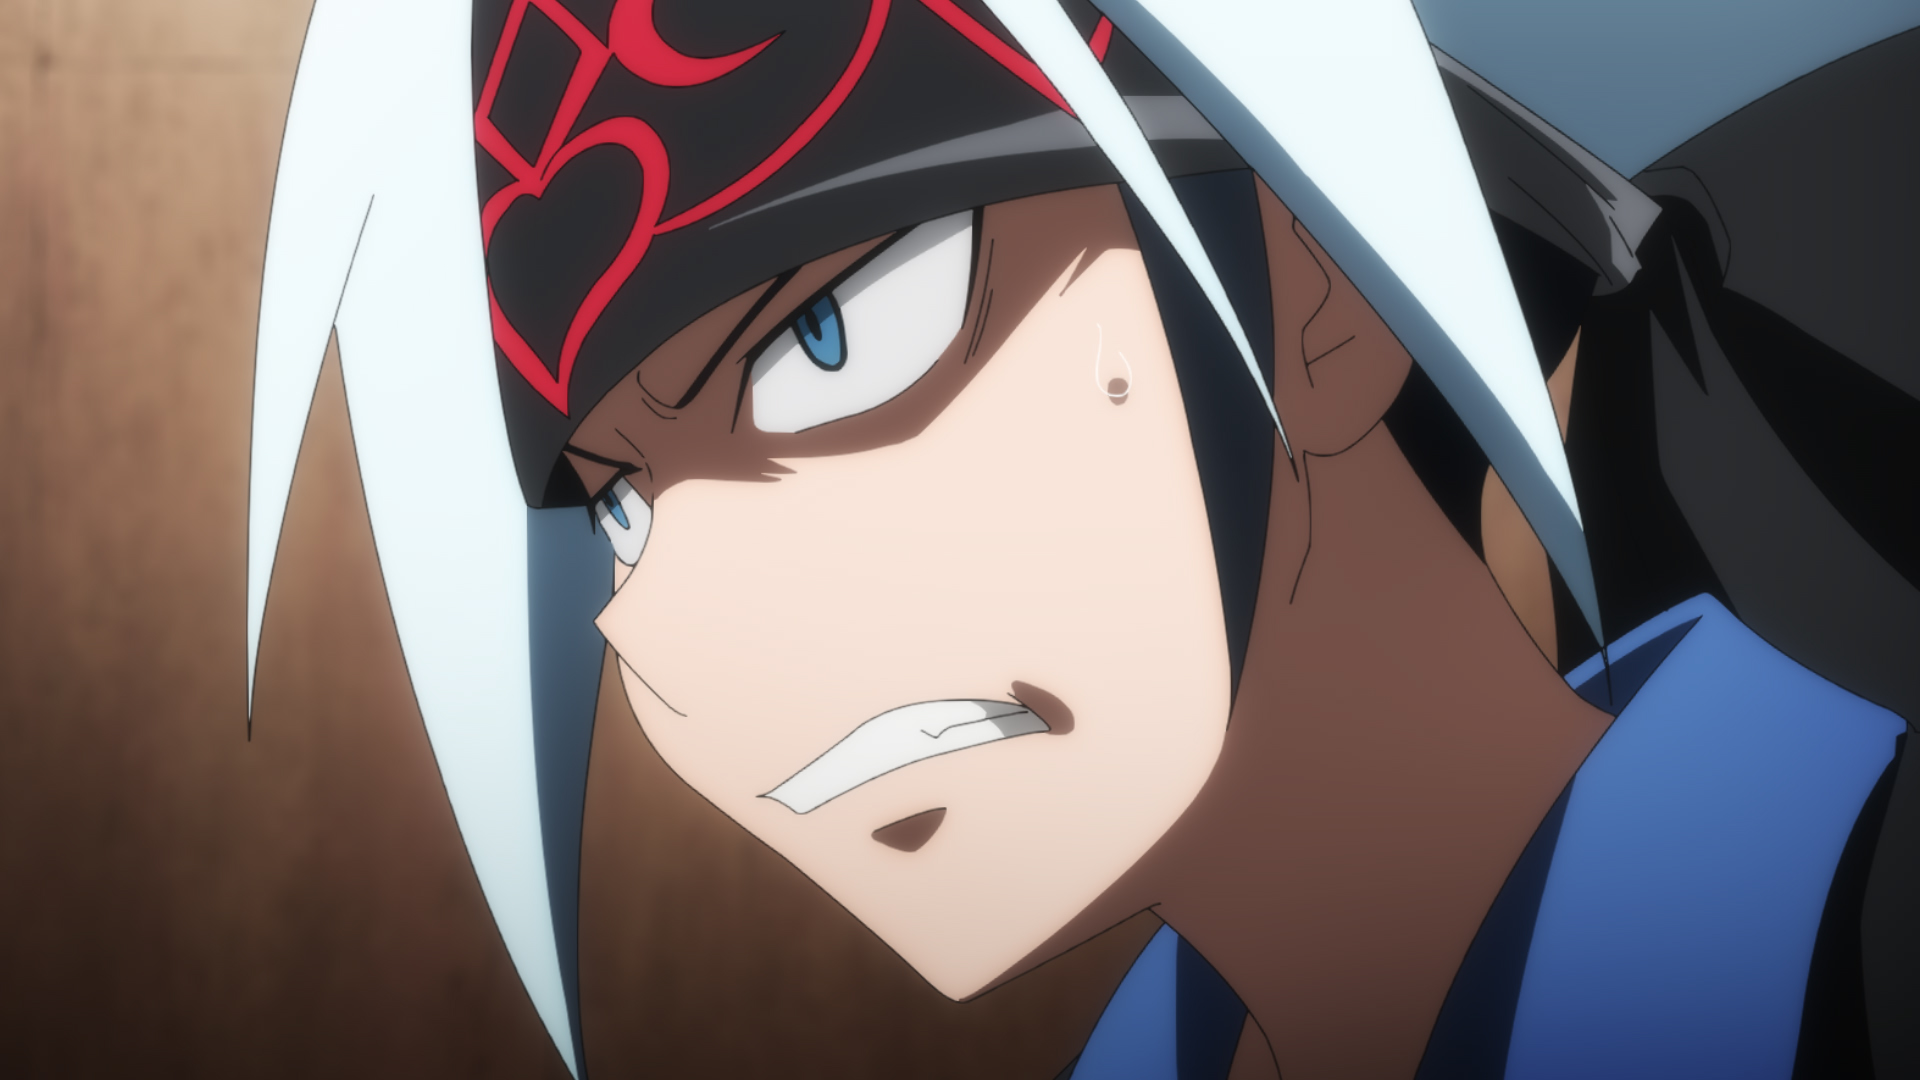 【アニメ】シャーマンキングの20話ネタバレ感想   チョコラブが絶体絶命のピンチ